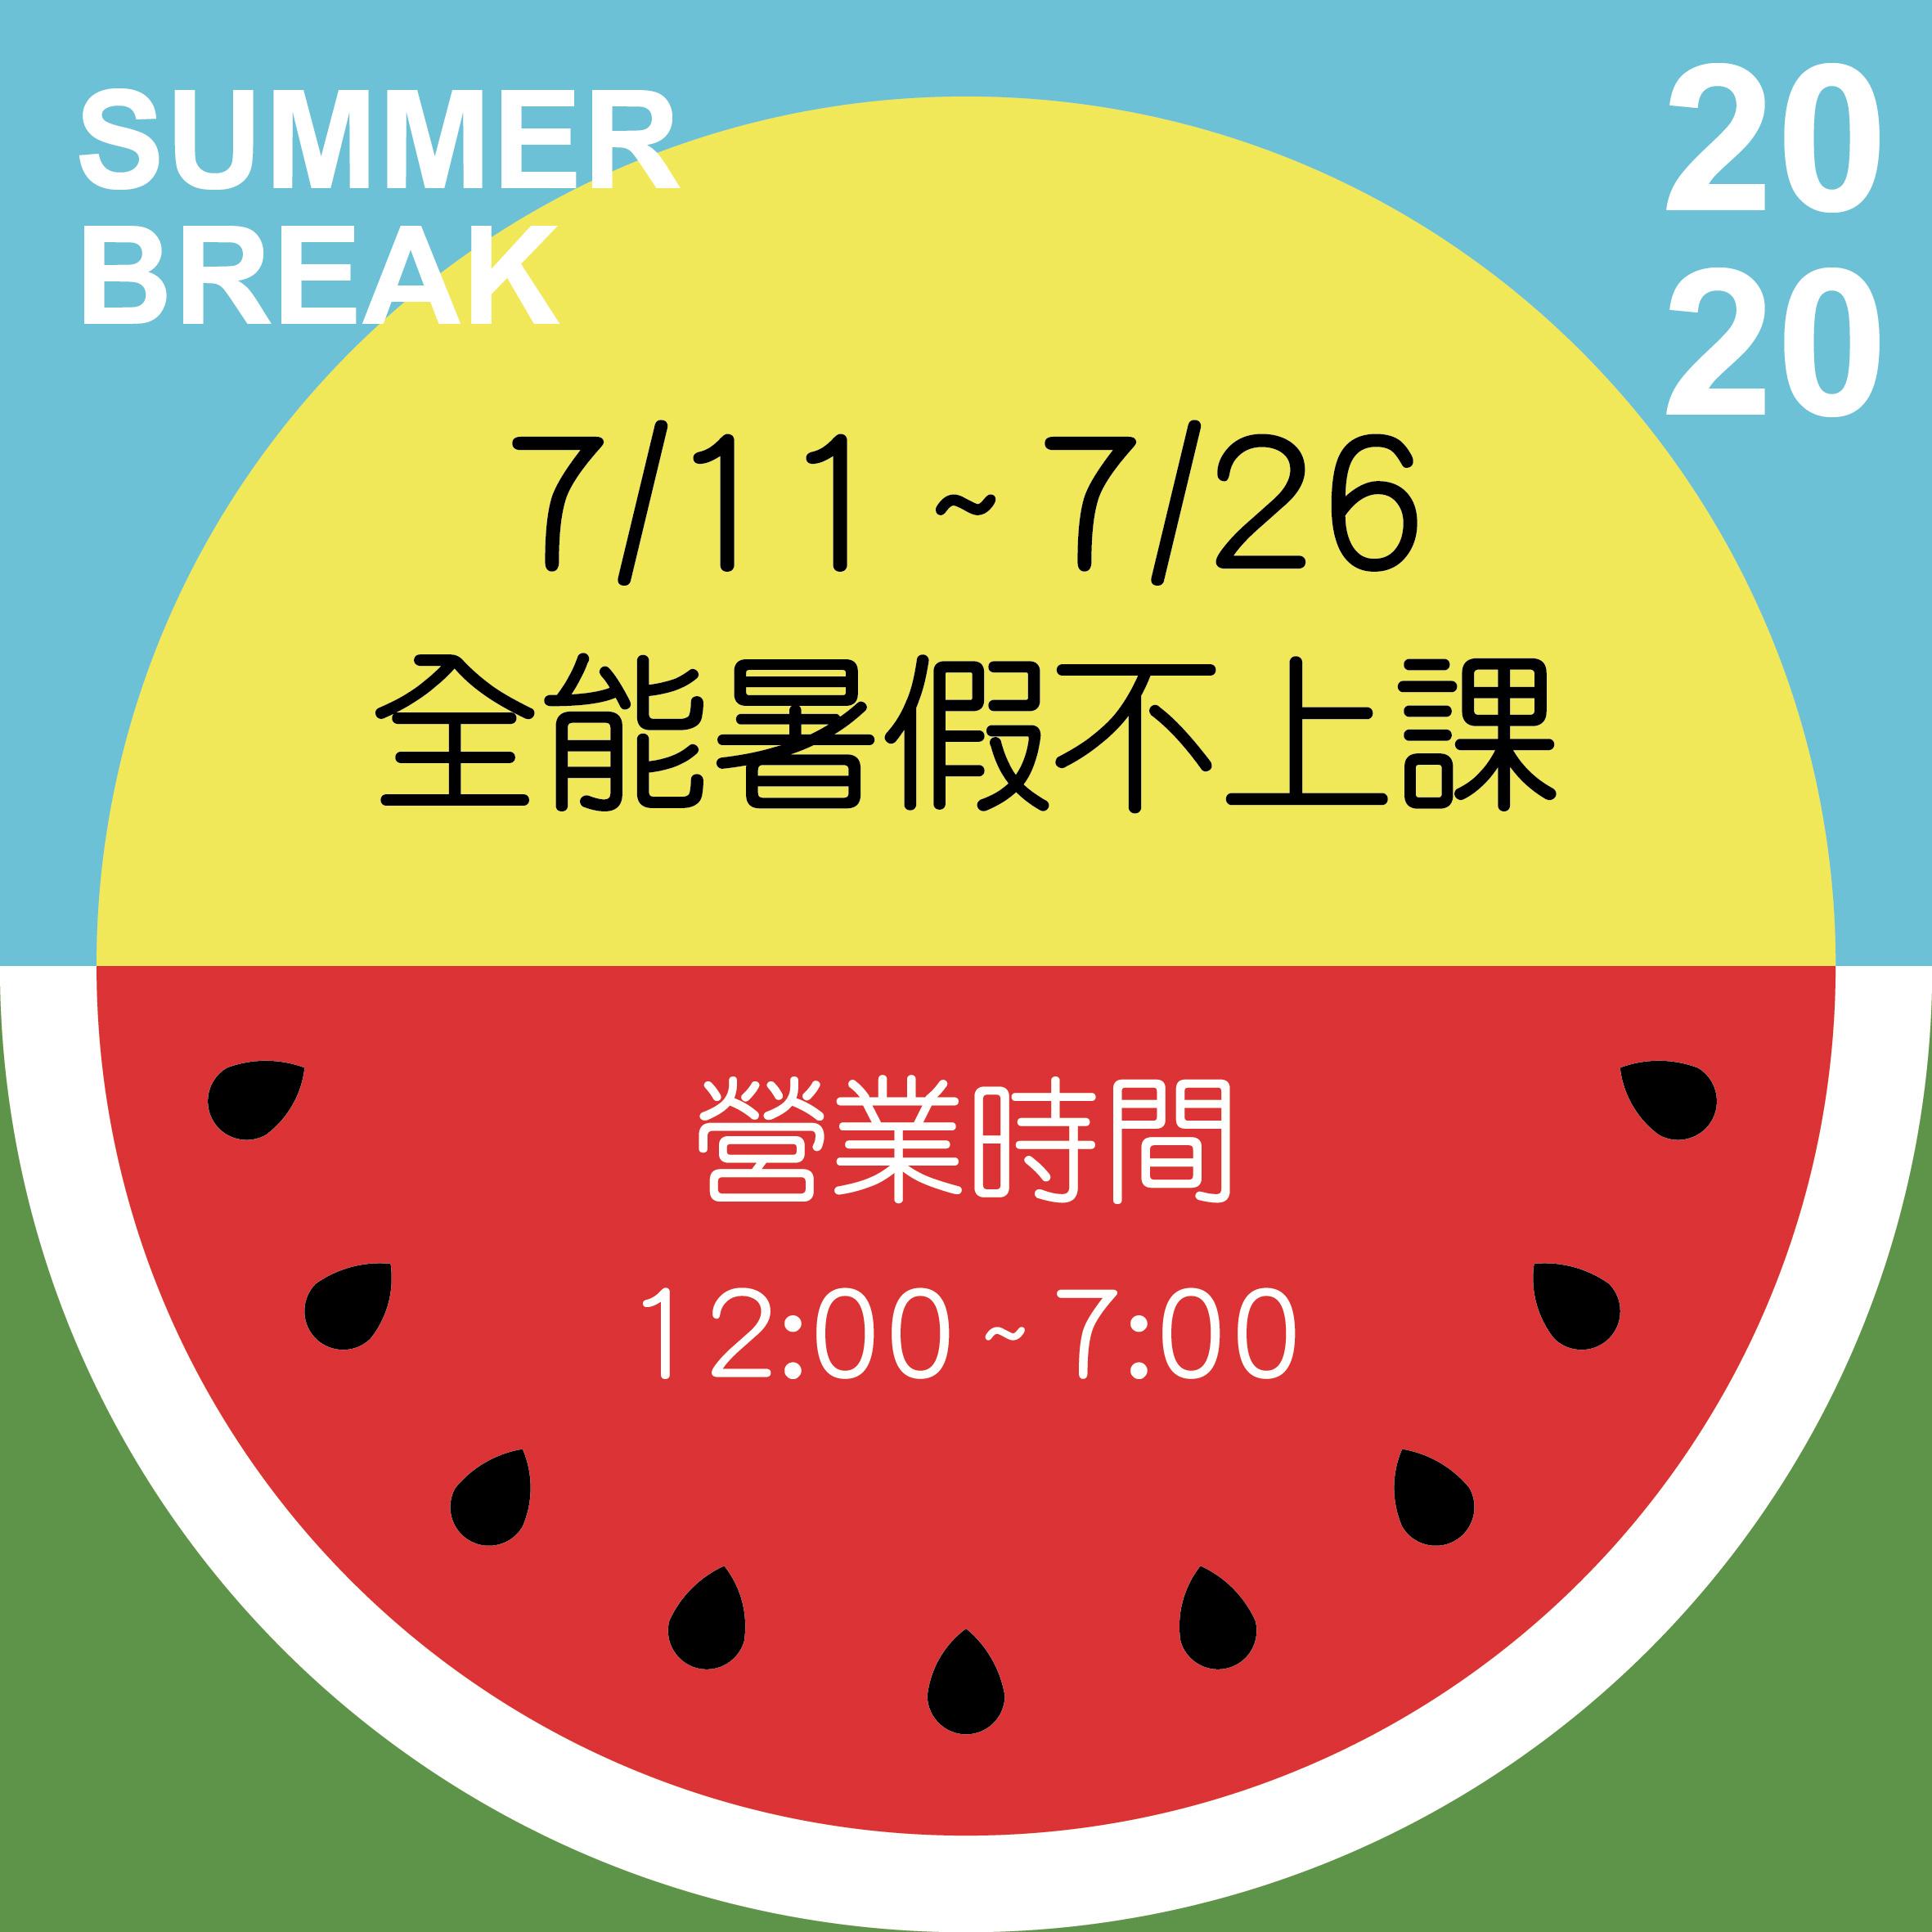 全能小暑假 Summer Break